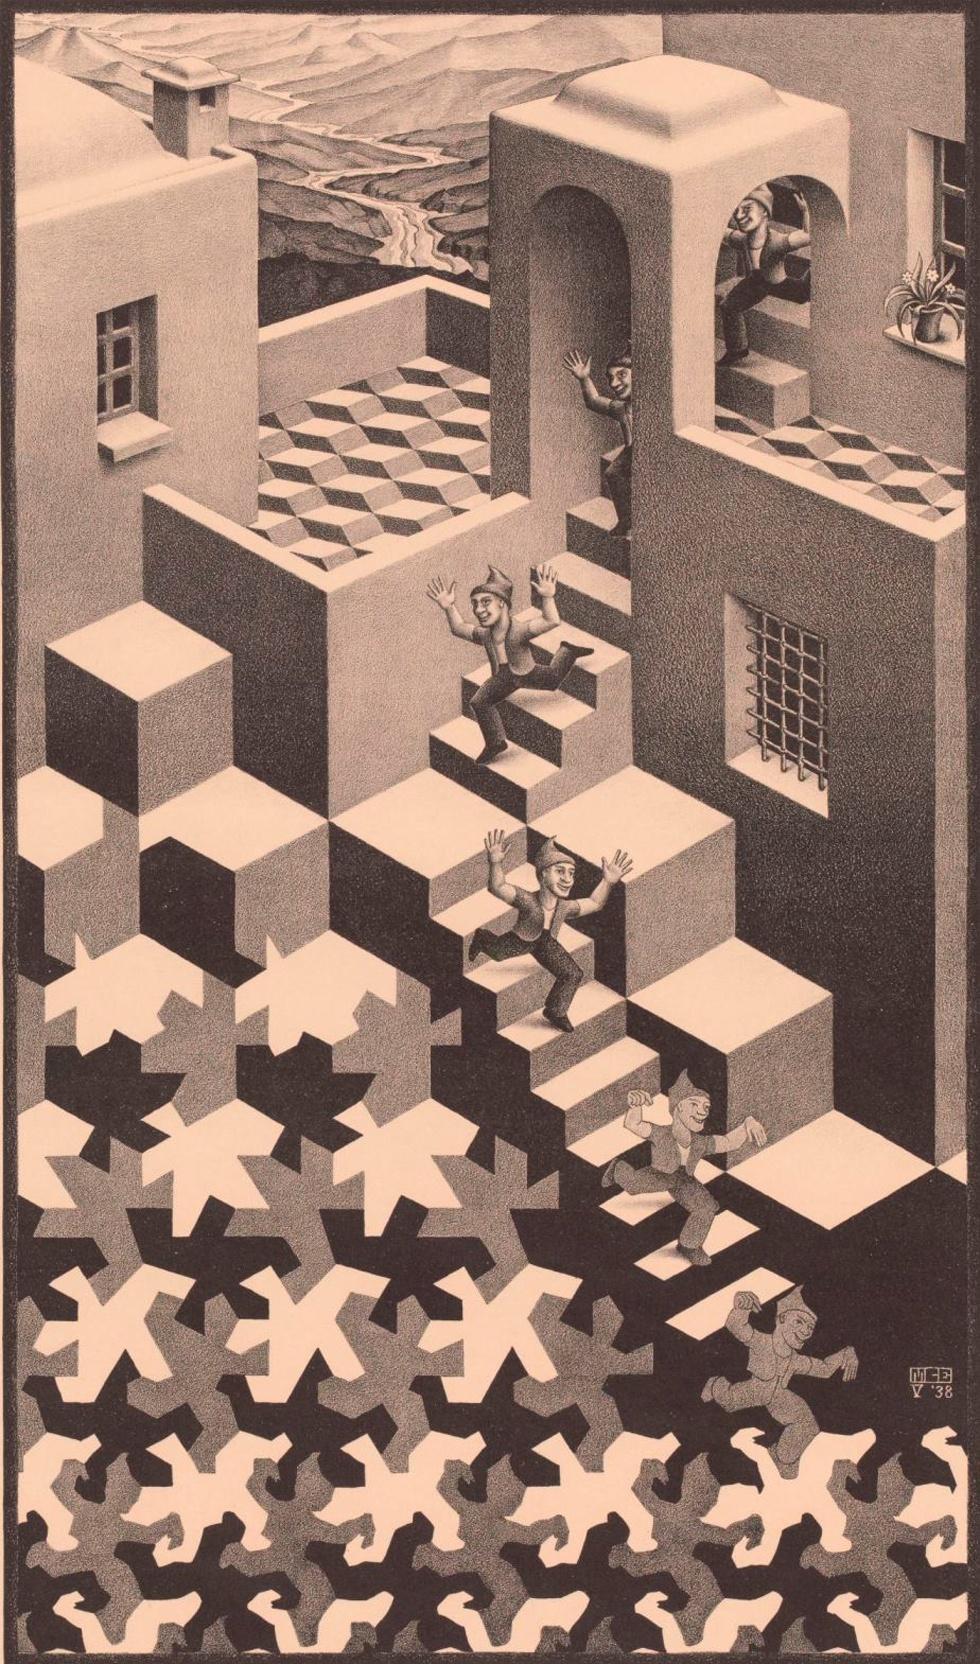 Cycle, 1938 - Una de las confusiones más populares entre bidimensionalidad y representaciones tridimensionales de Escher, que aquí muestra a un mozo que baja una escalera y acaba desdibujando su forma hasta insertarse en un dibujo plano con figuras cúbicas tridimensionales.